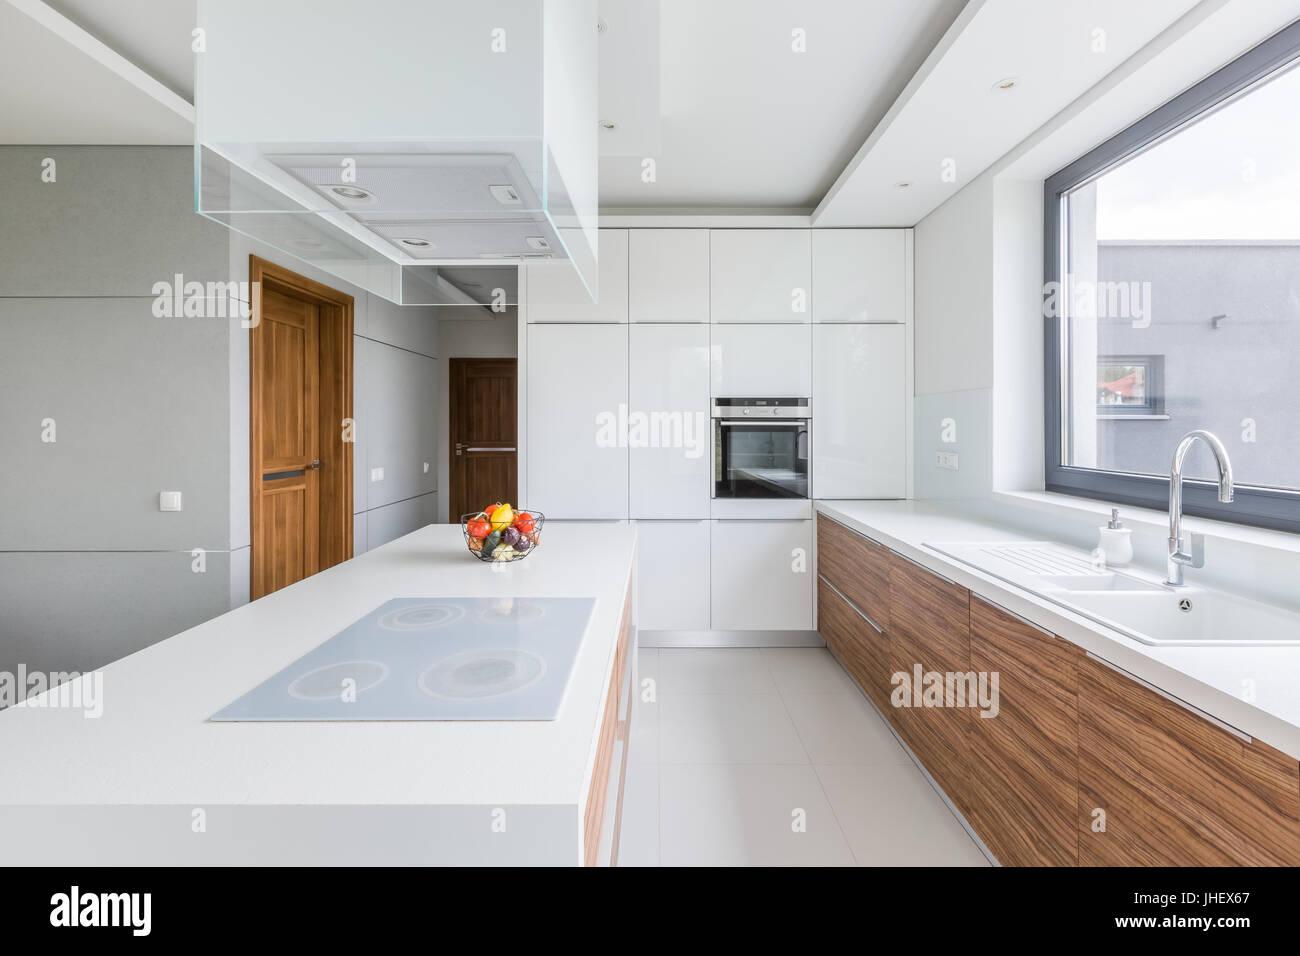 Cucine Shabby Con Bancone | Trasformazione In Cucina Shabby Chic ...